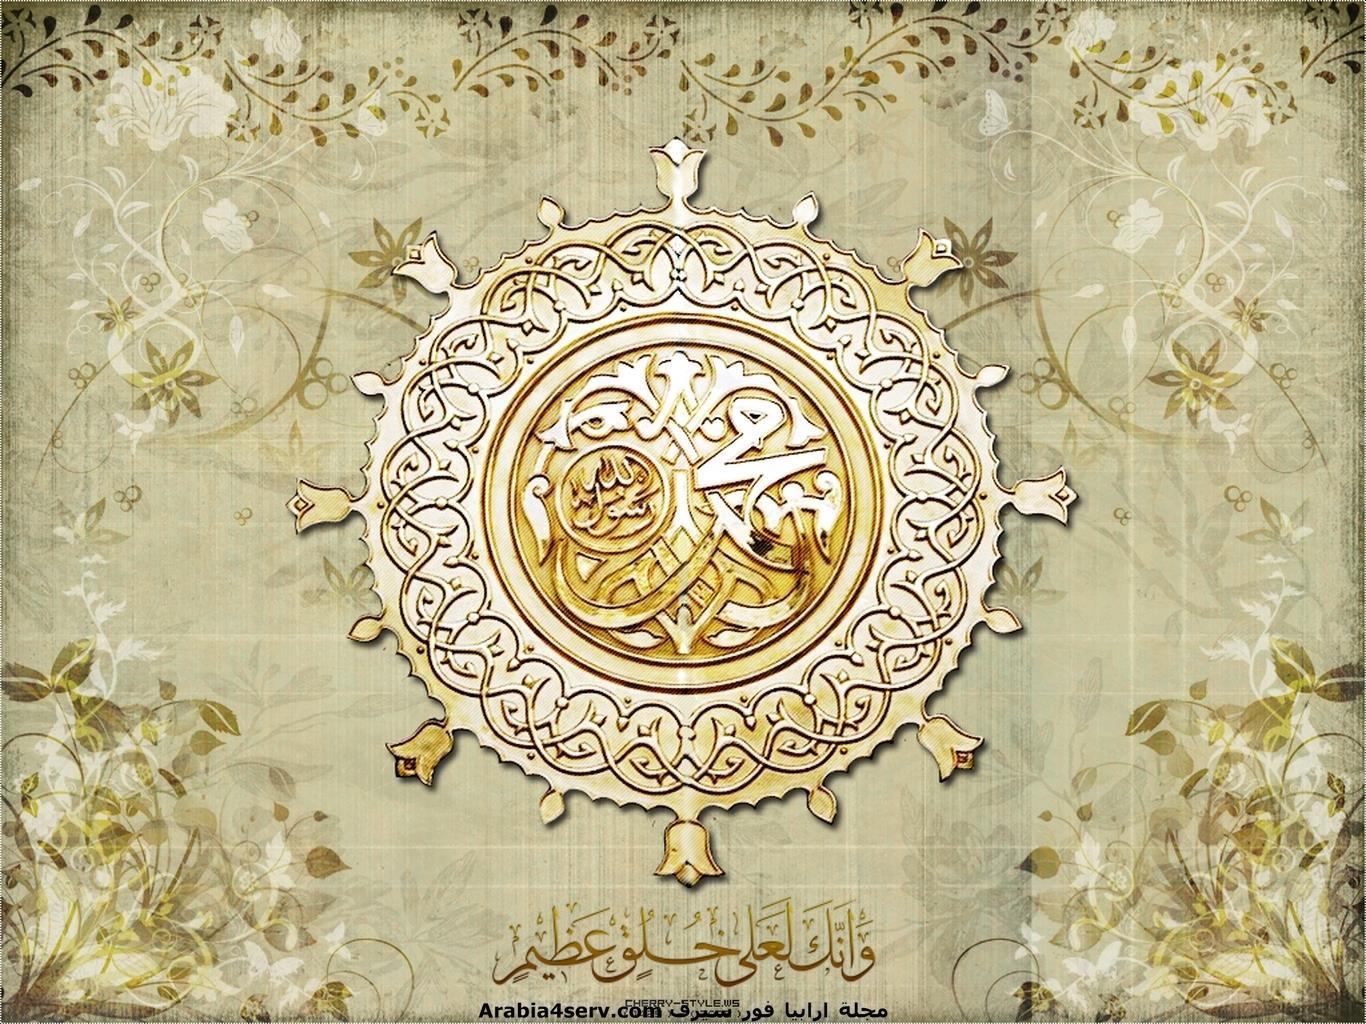 خلفيات-محمد-رسول-الله-14